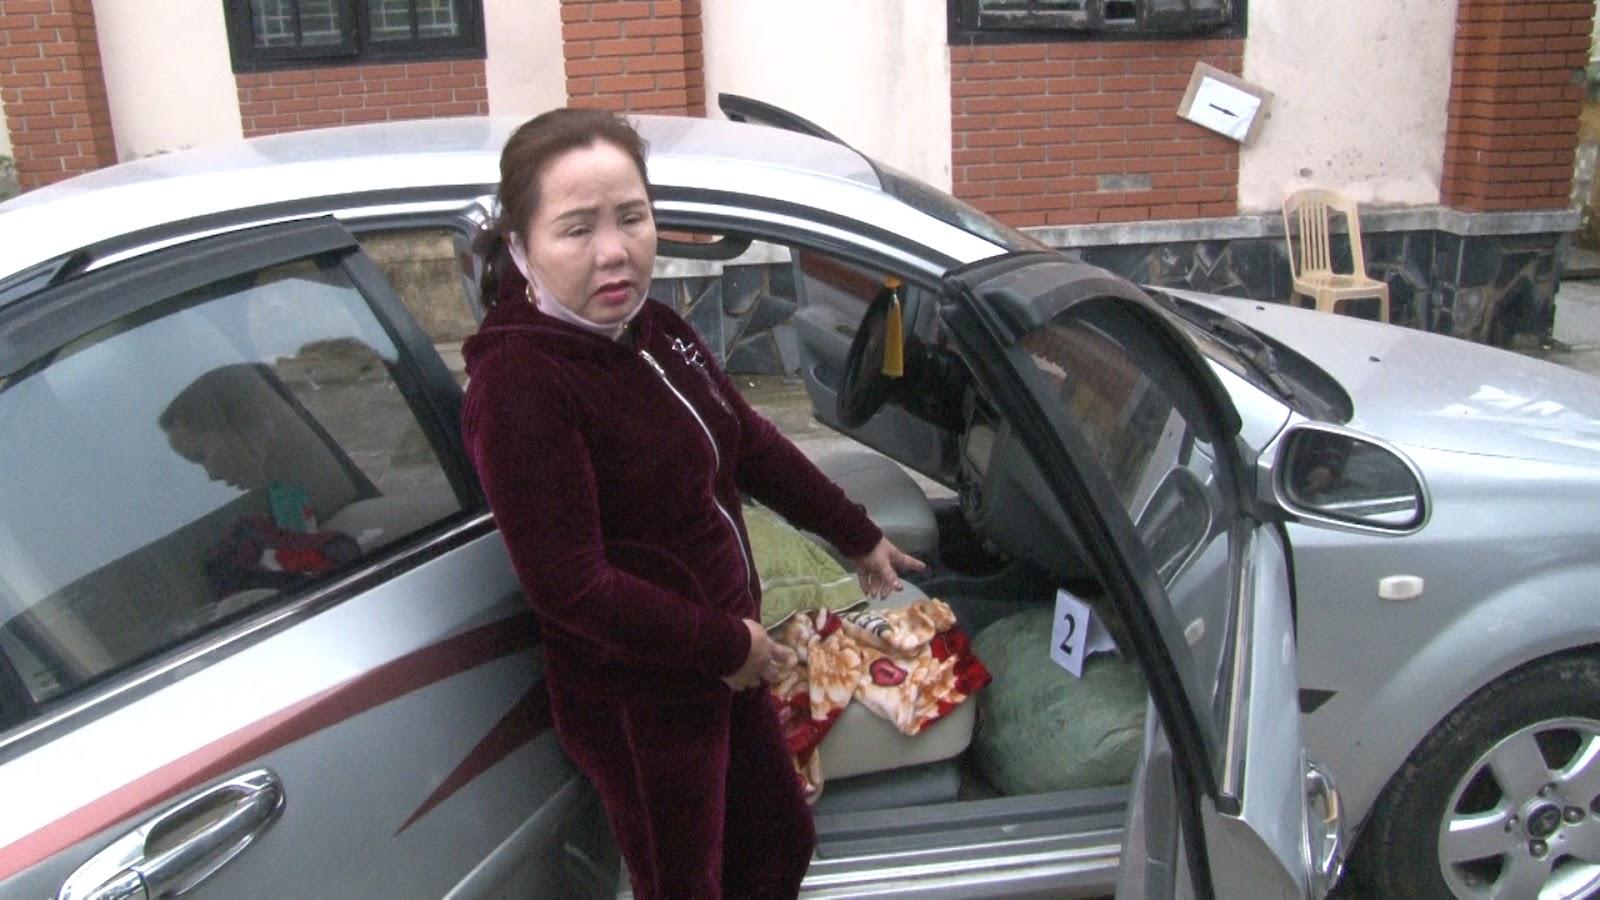 Bà Phạm Thị Thu bị bắt giữ cùng tang vật là 74kg thuốc nổ.